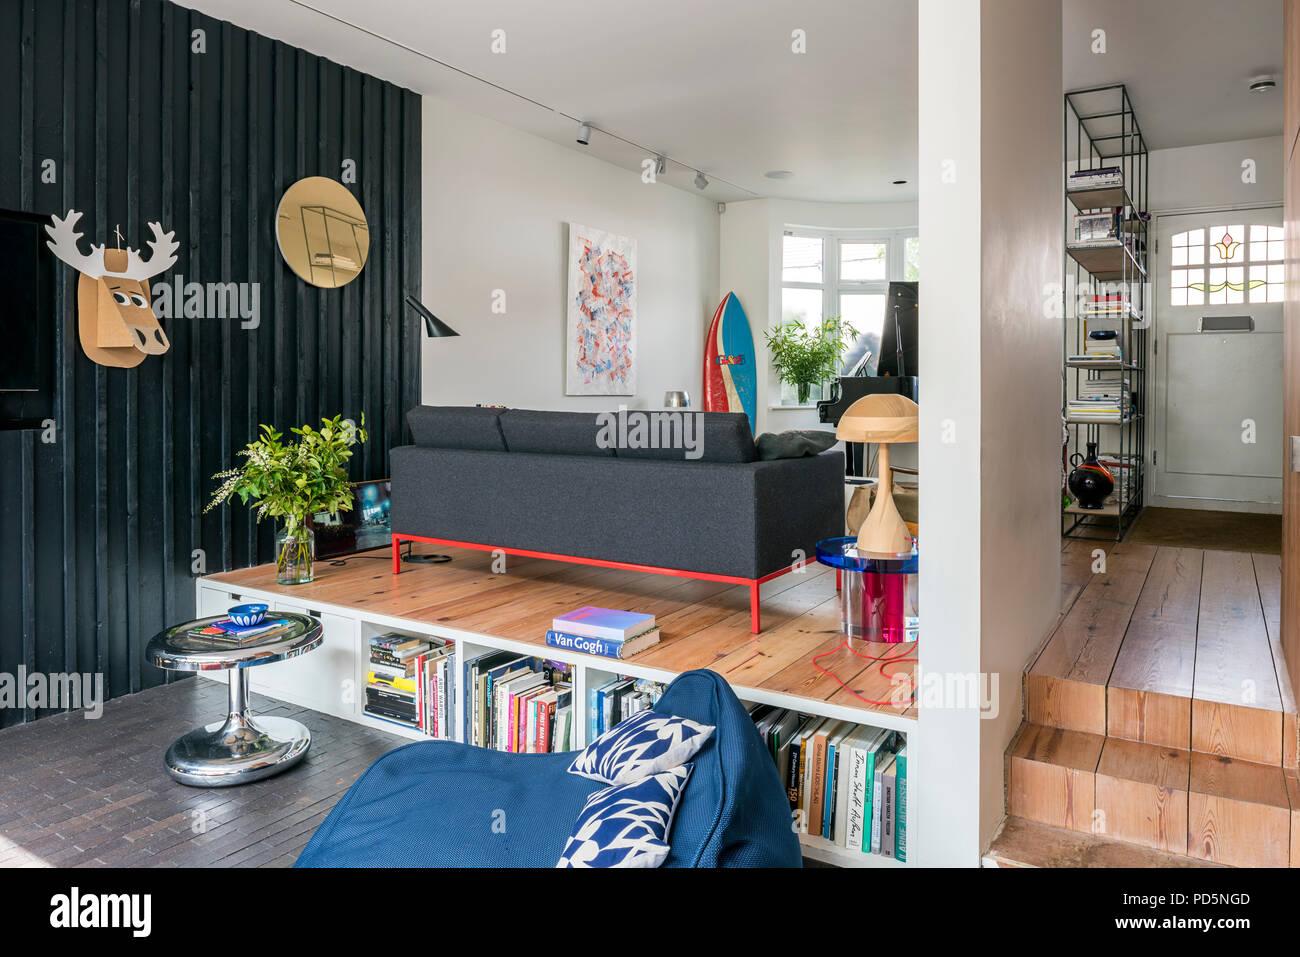 Pareti Ricoperte Di Legno : Aprire il piano casa di famiglia con legname di pareti rivestite